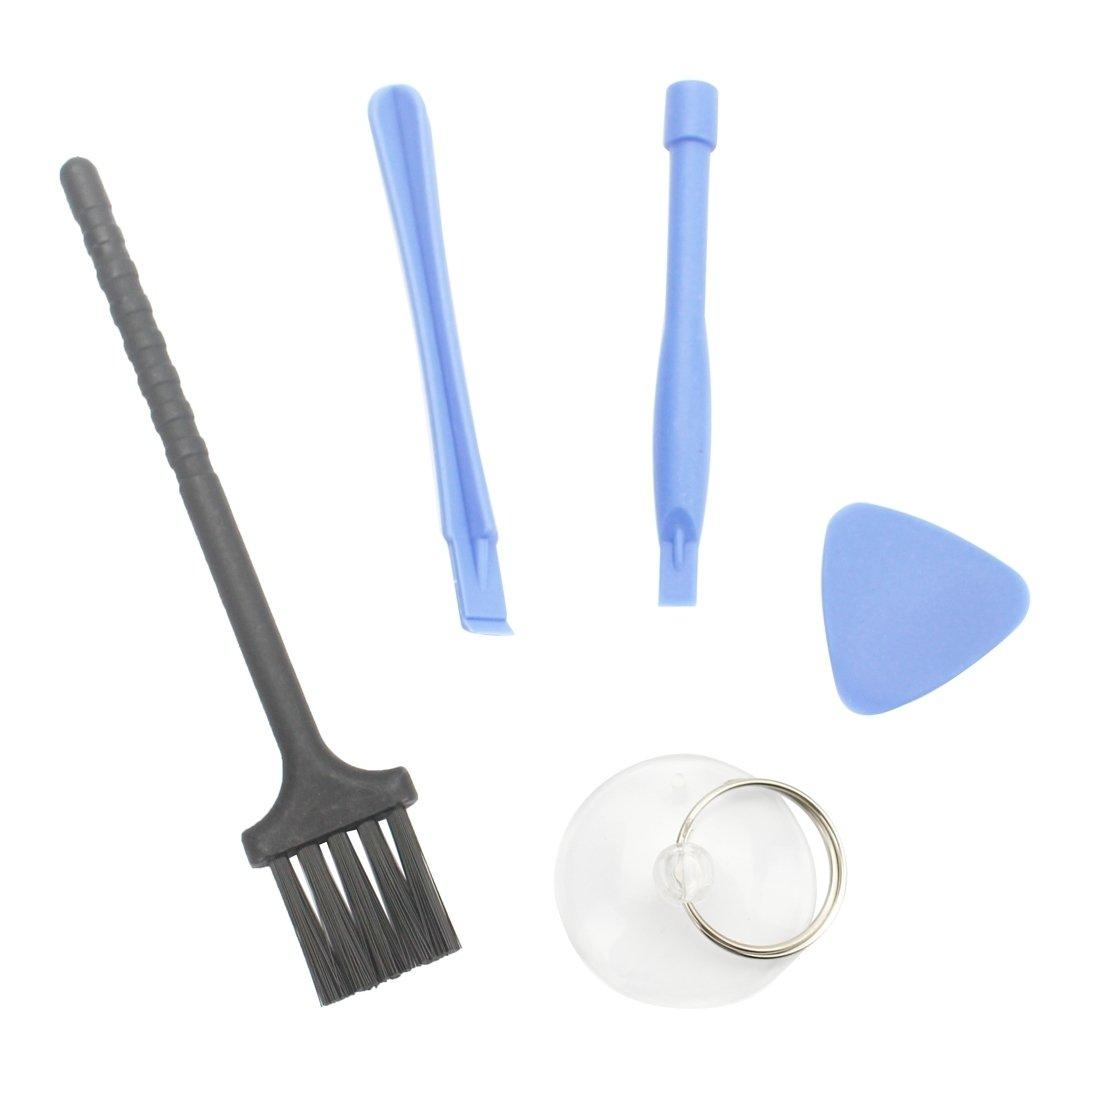 Repair-Kits JF-S09 8 in 1 Repair Tool Set for iPhone